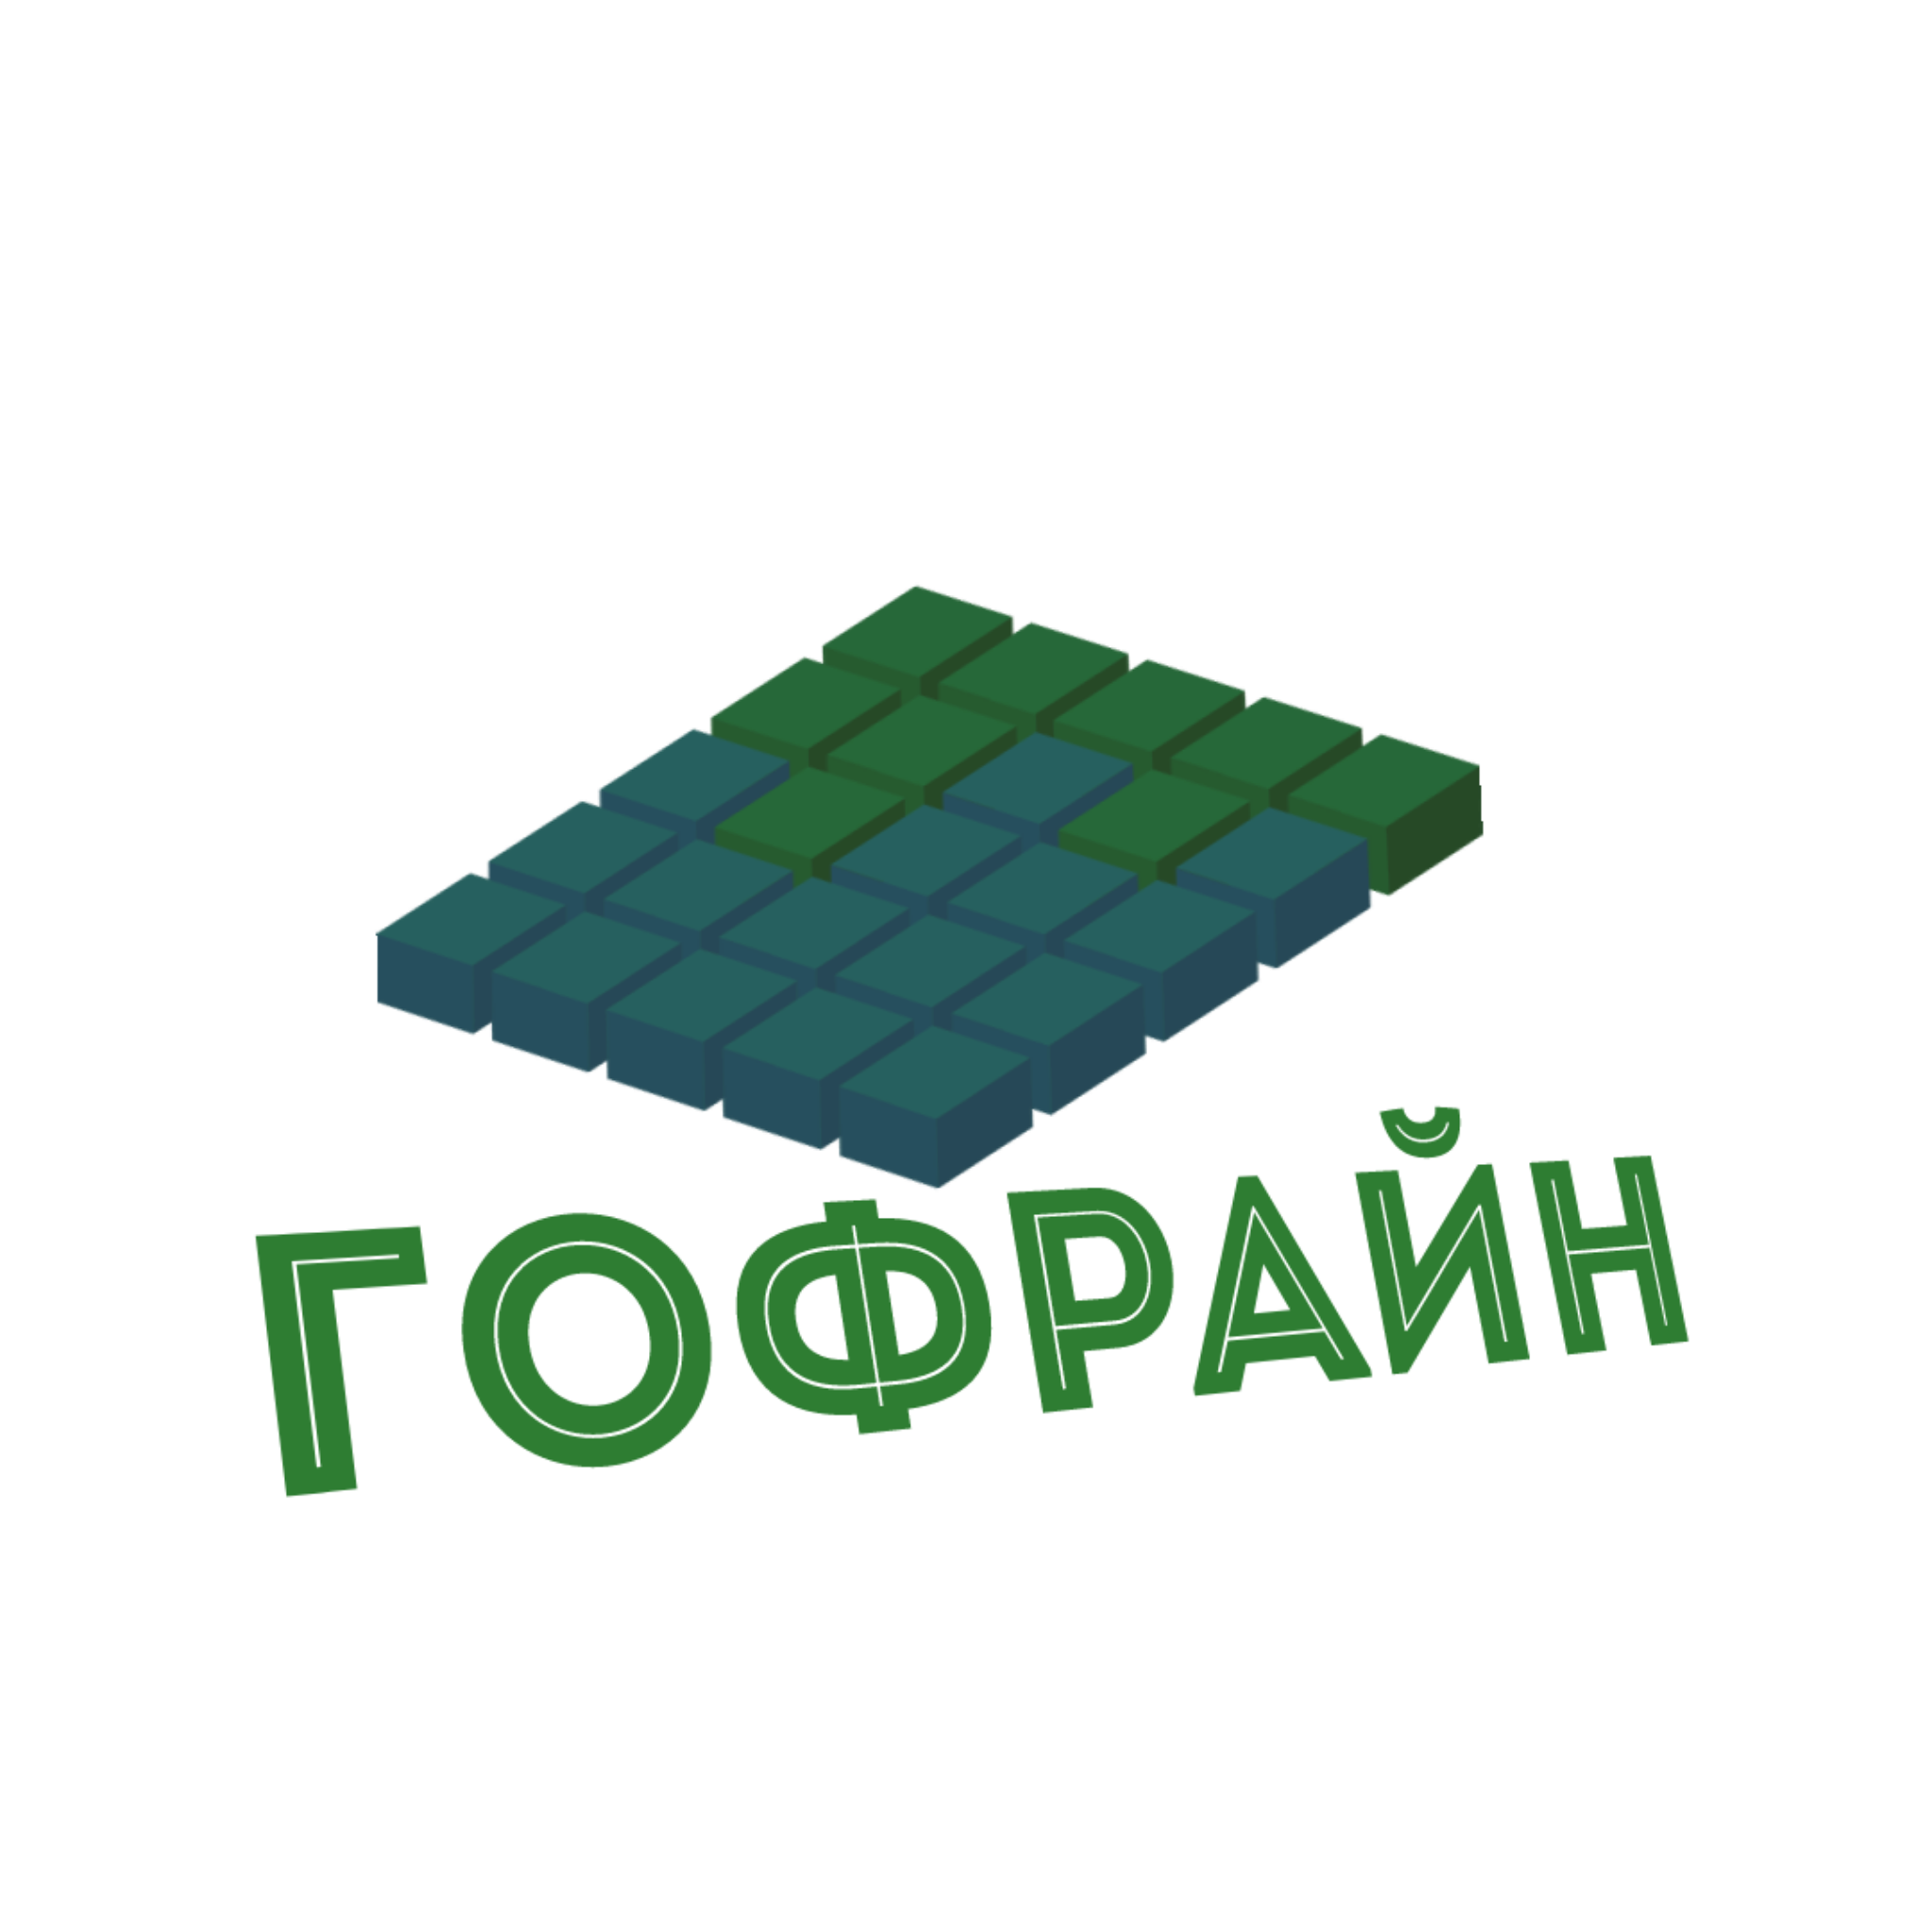 Логотип для компании по реализации упаковки из гофрокартона фото f_1425cdbe0807f98d.png